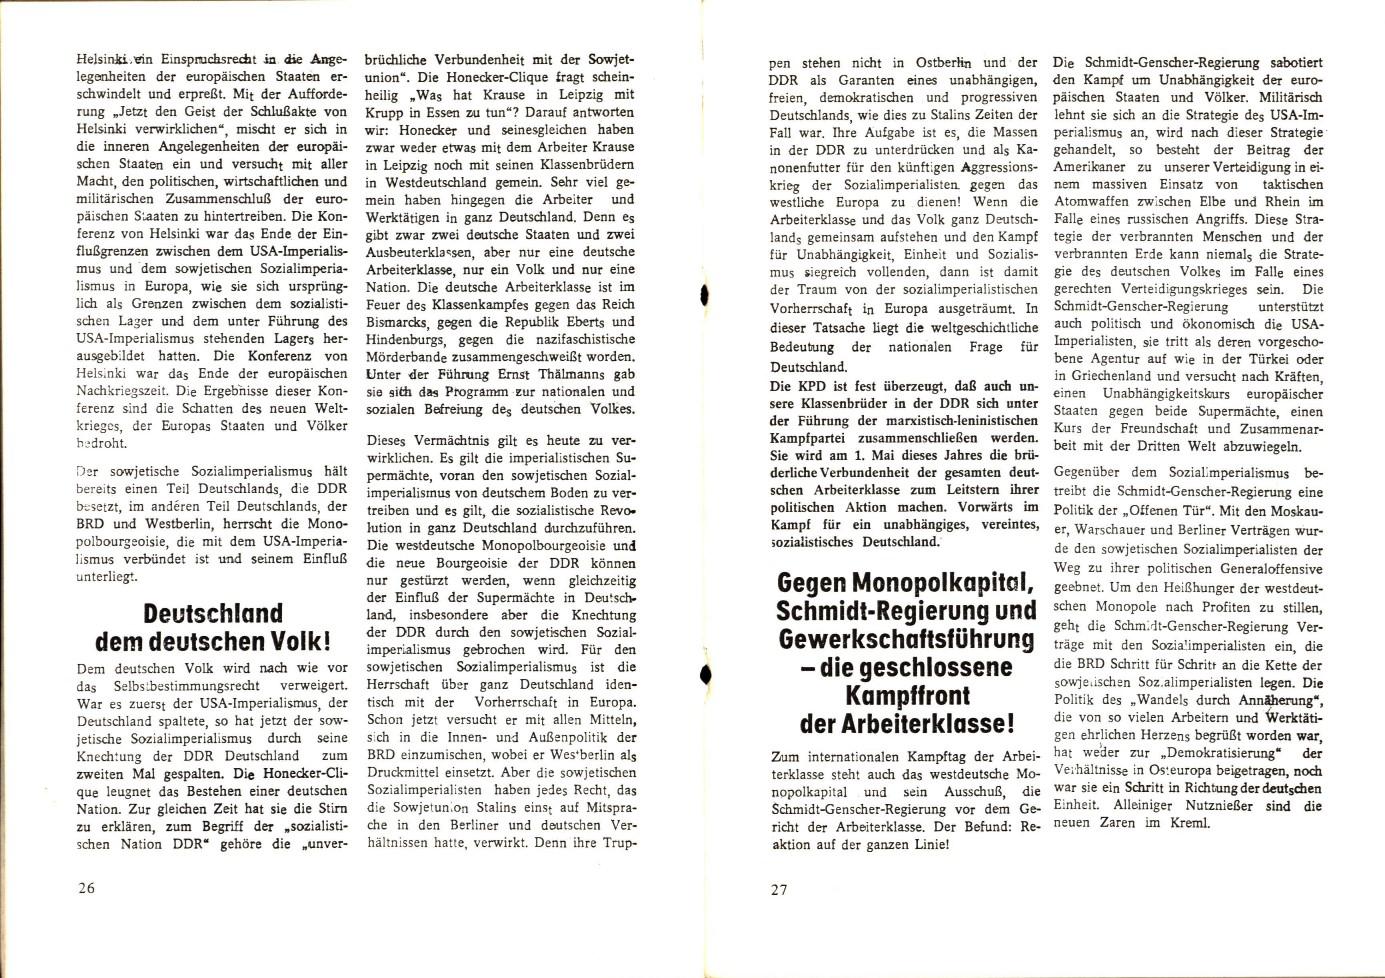 KPDAO_1976_Artikel_DKP_Breschnew_15